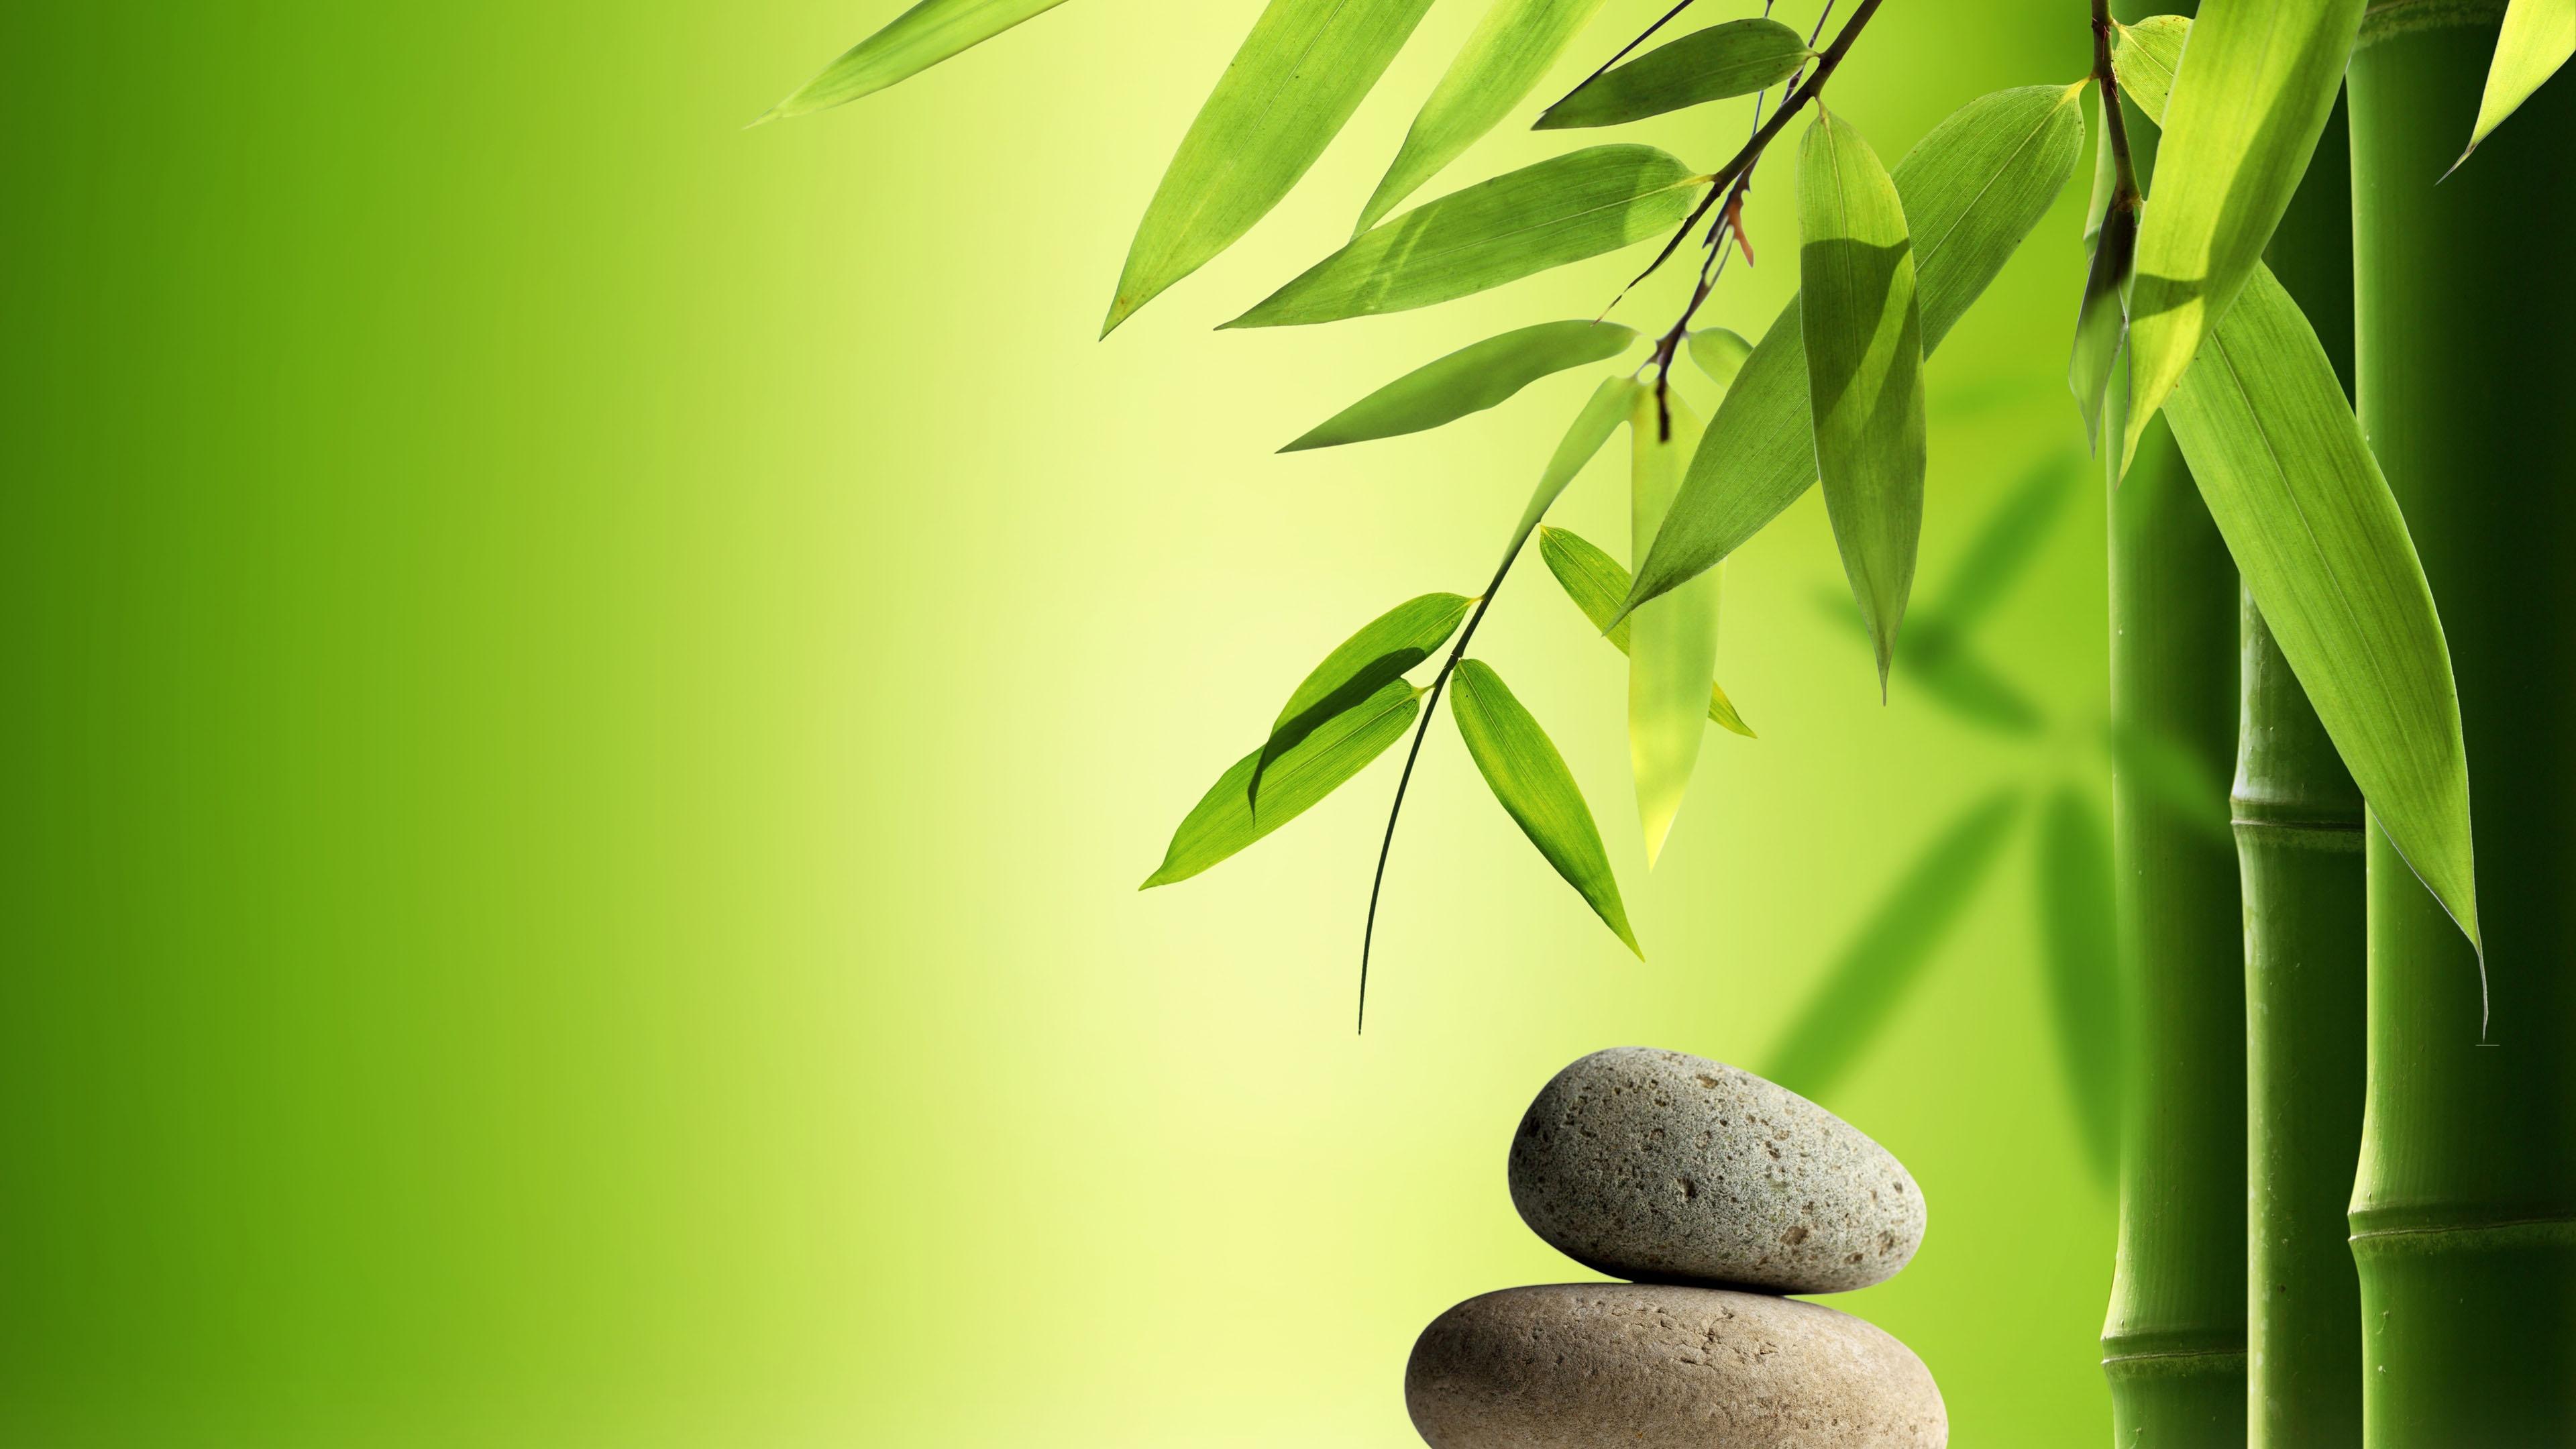 小清新,护眼壁纸,石头,竹,安静,禅意